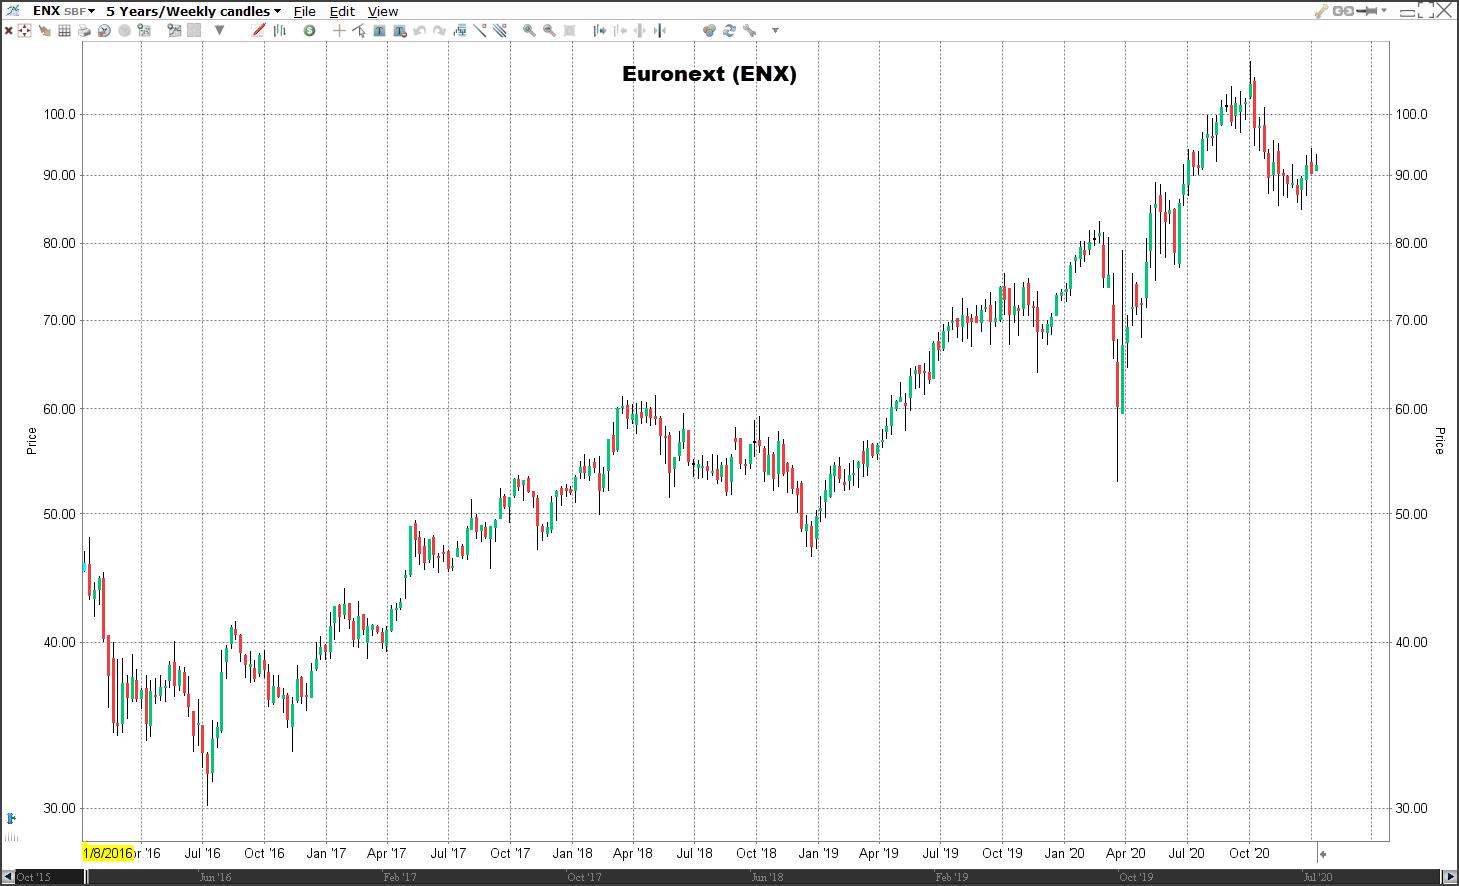 Koers aandeel Euronext | Veelbelovende aandelen